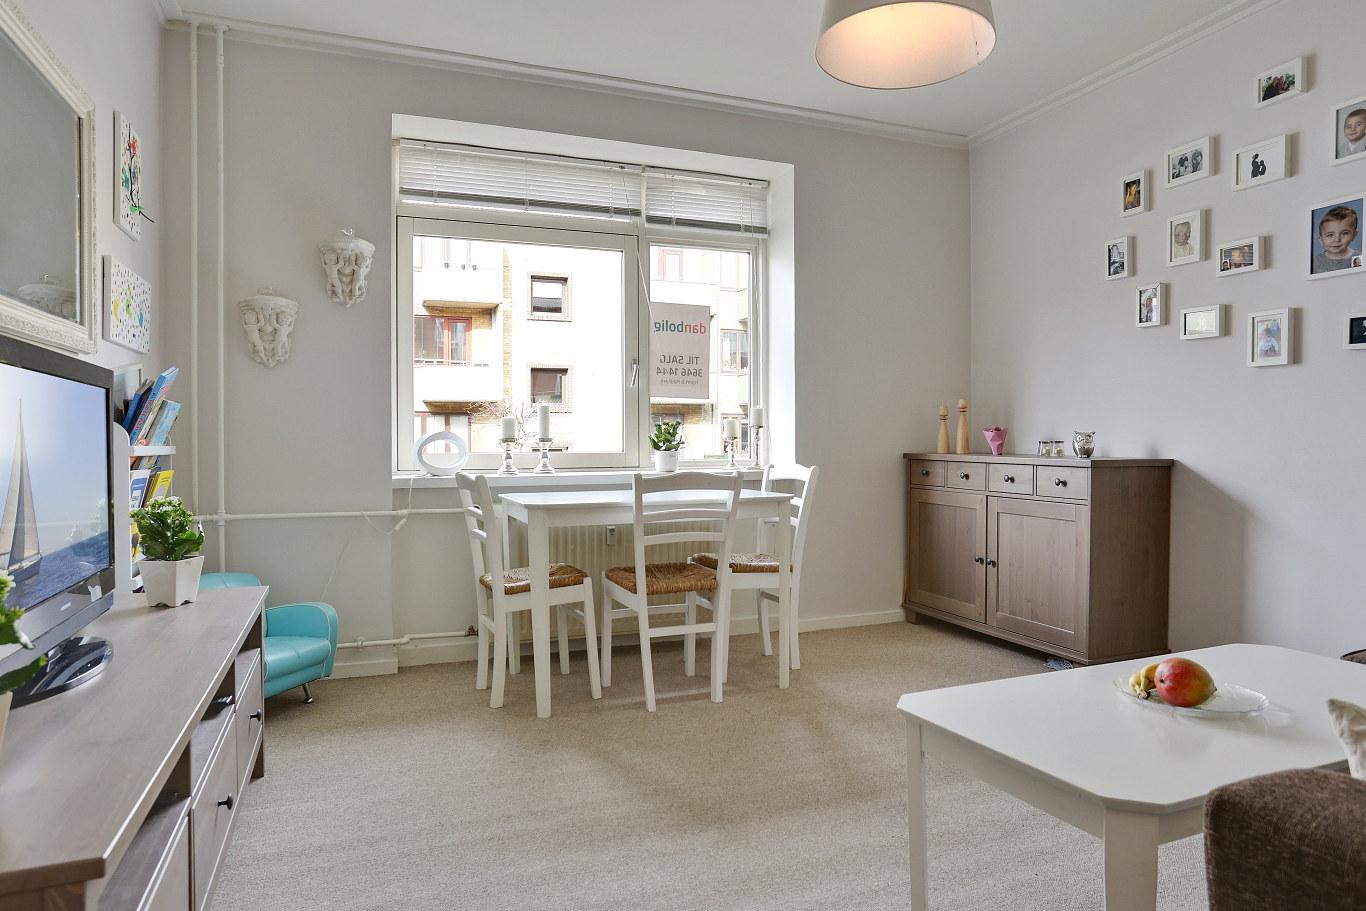 La realidad de los pisos peque os en los pa ses n rdicos for Programa para crear espacios interiores